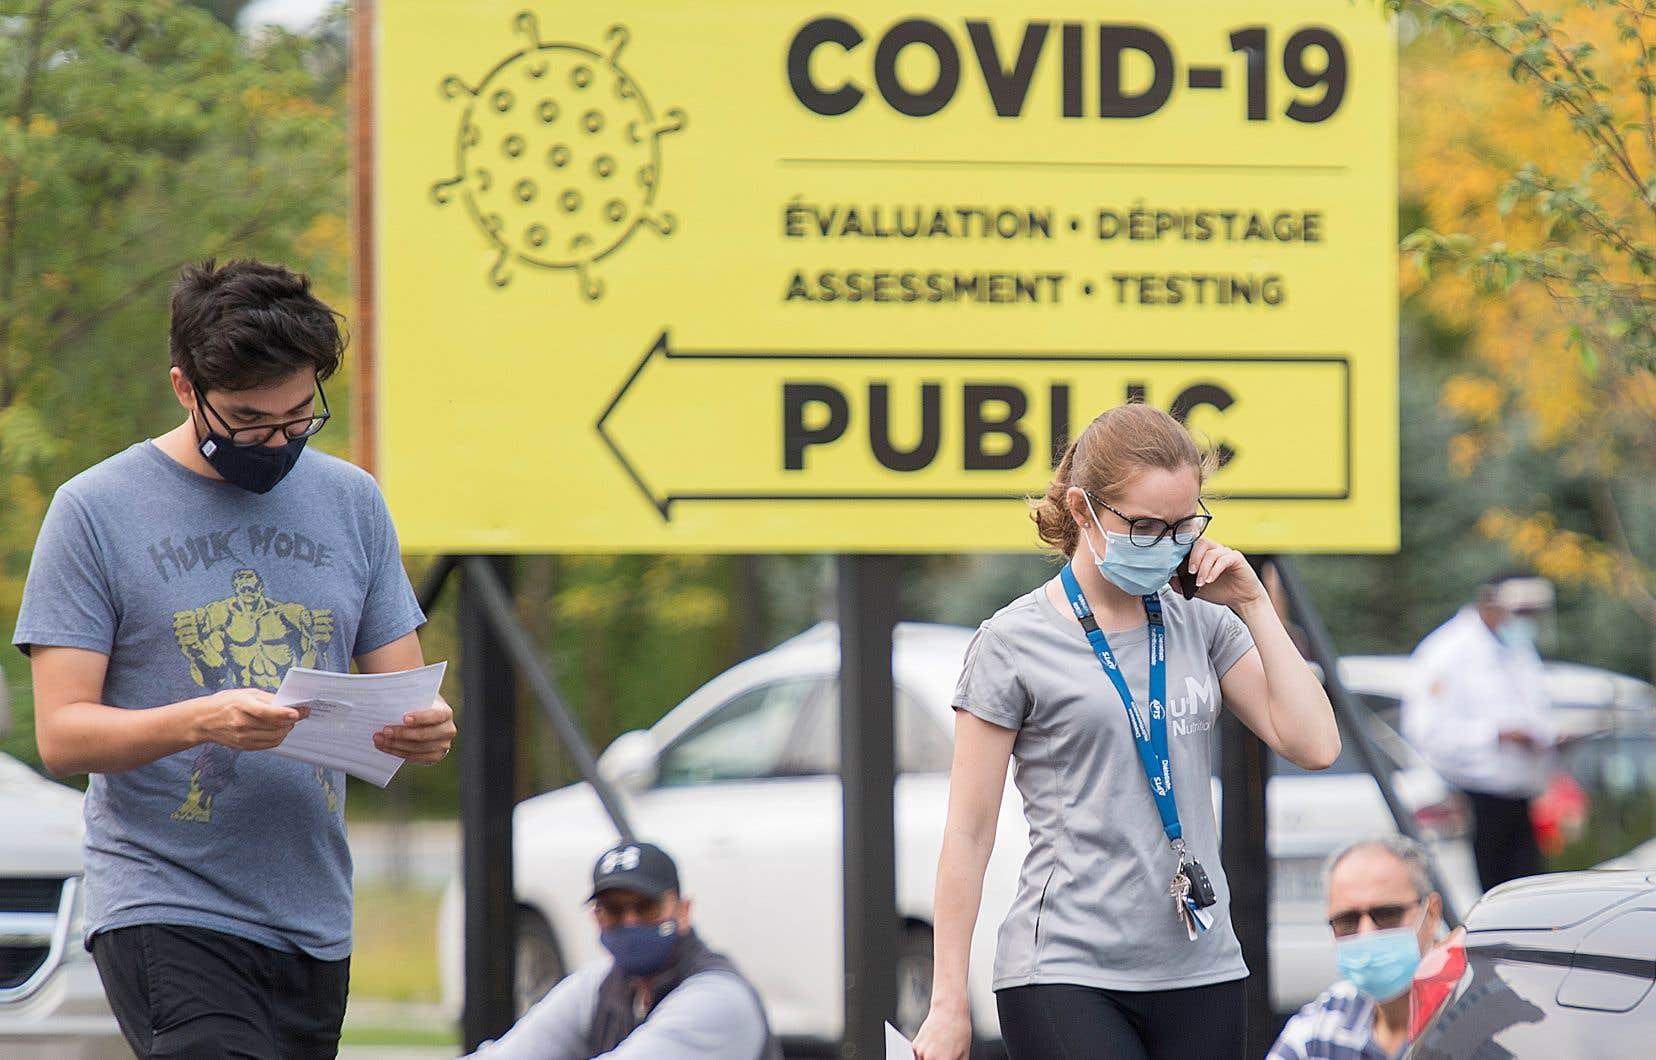 Le ministère de la Santé a rapporté lundi 750 nouveaux cas de COVID-19 dans la province.